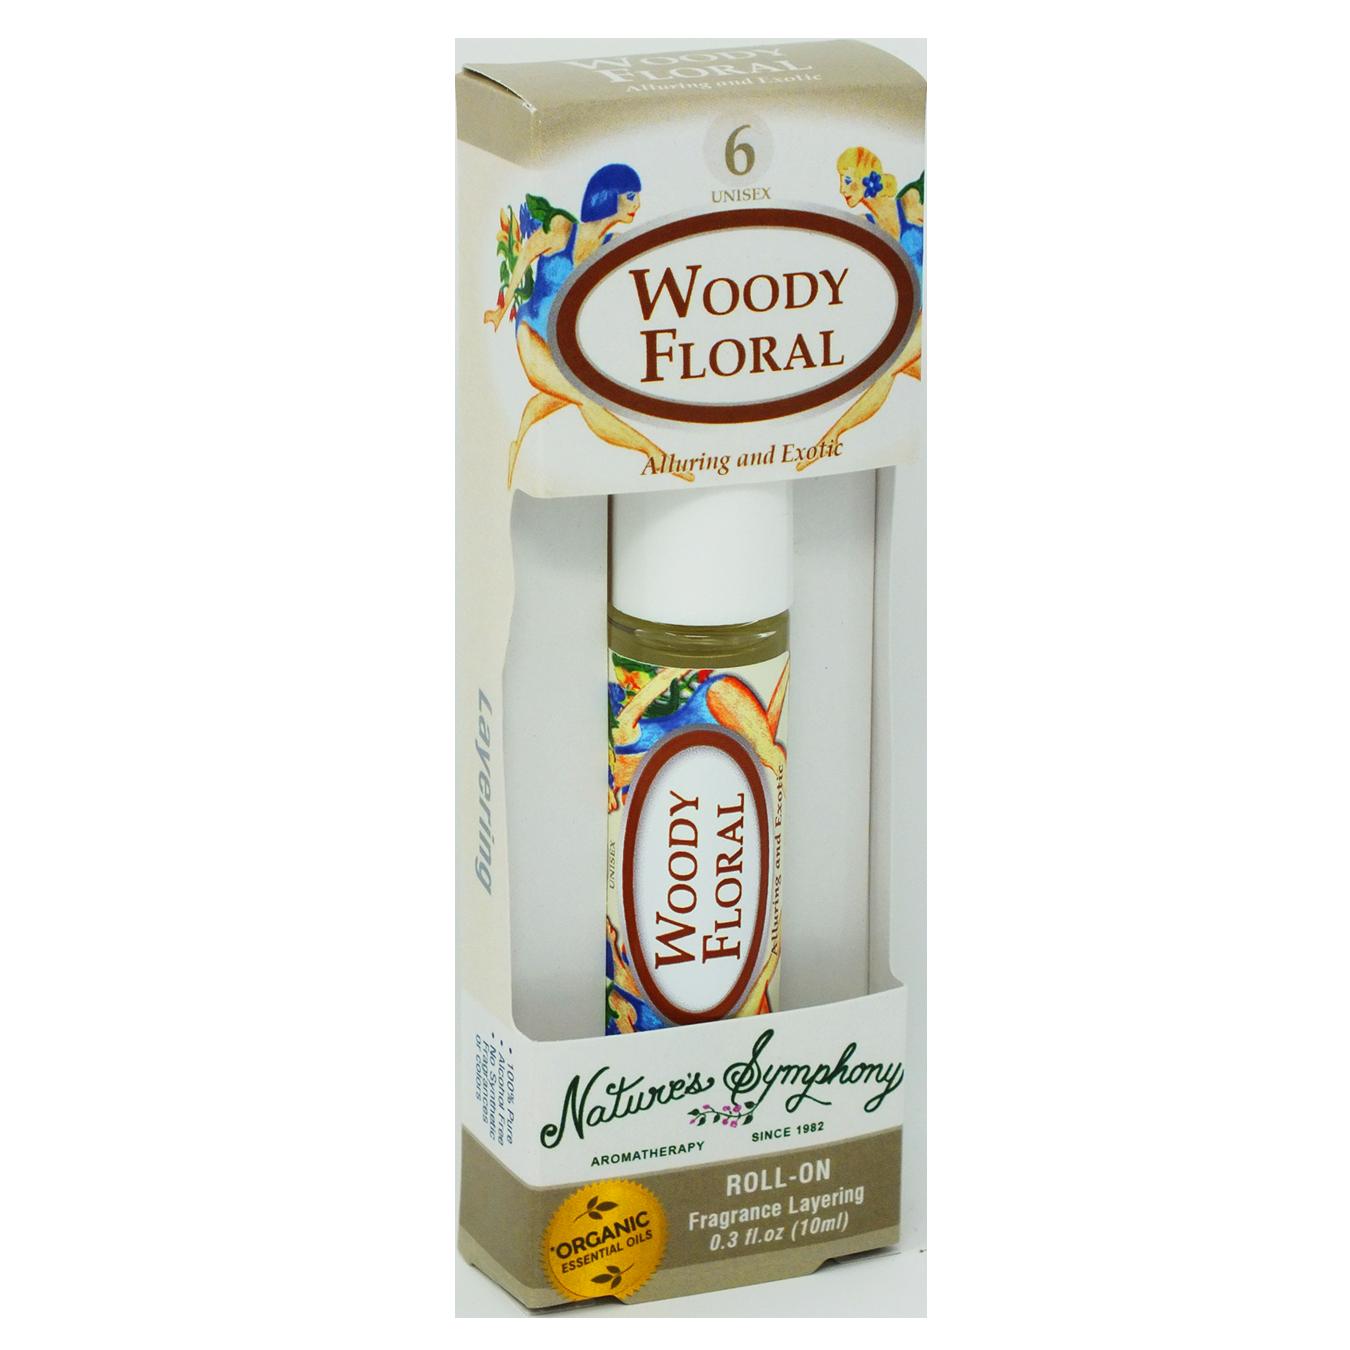 Woody Floral #6, Roller Ball, Blend Organic/Wildcraft - 10ml